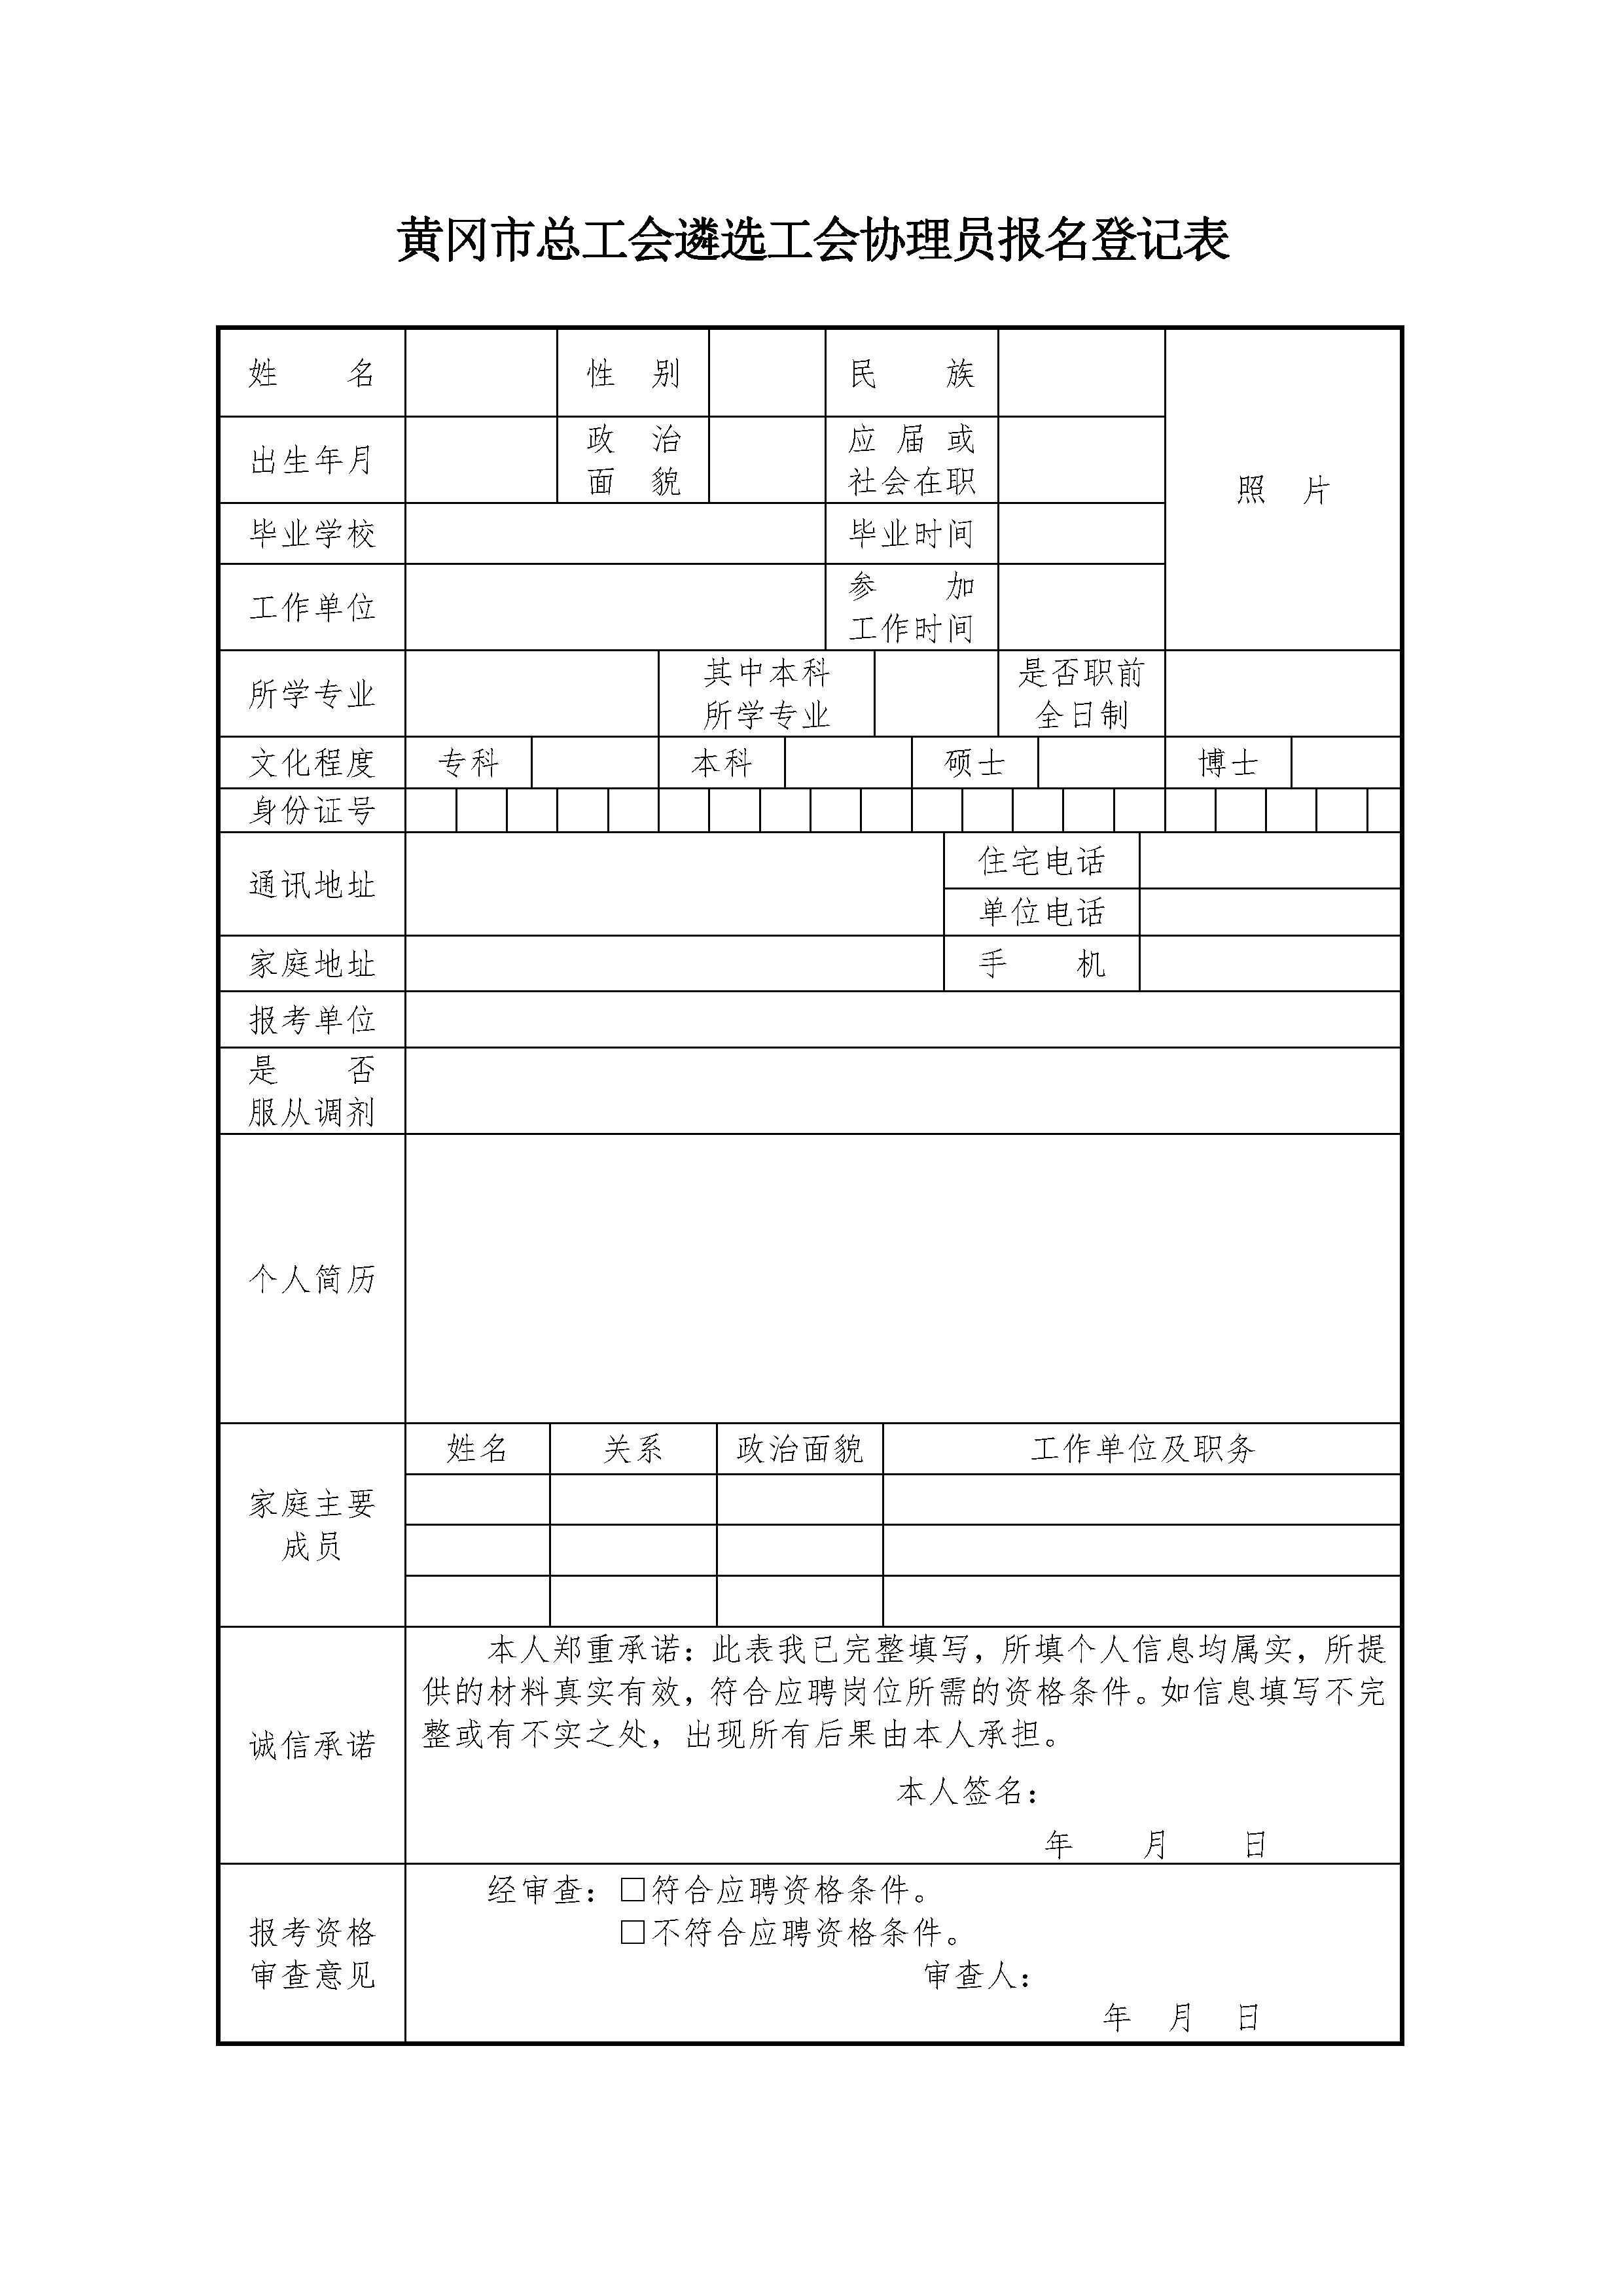 黄冈市总工会遴选工会协理员公告.jpg